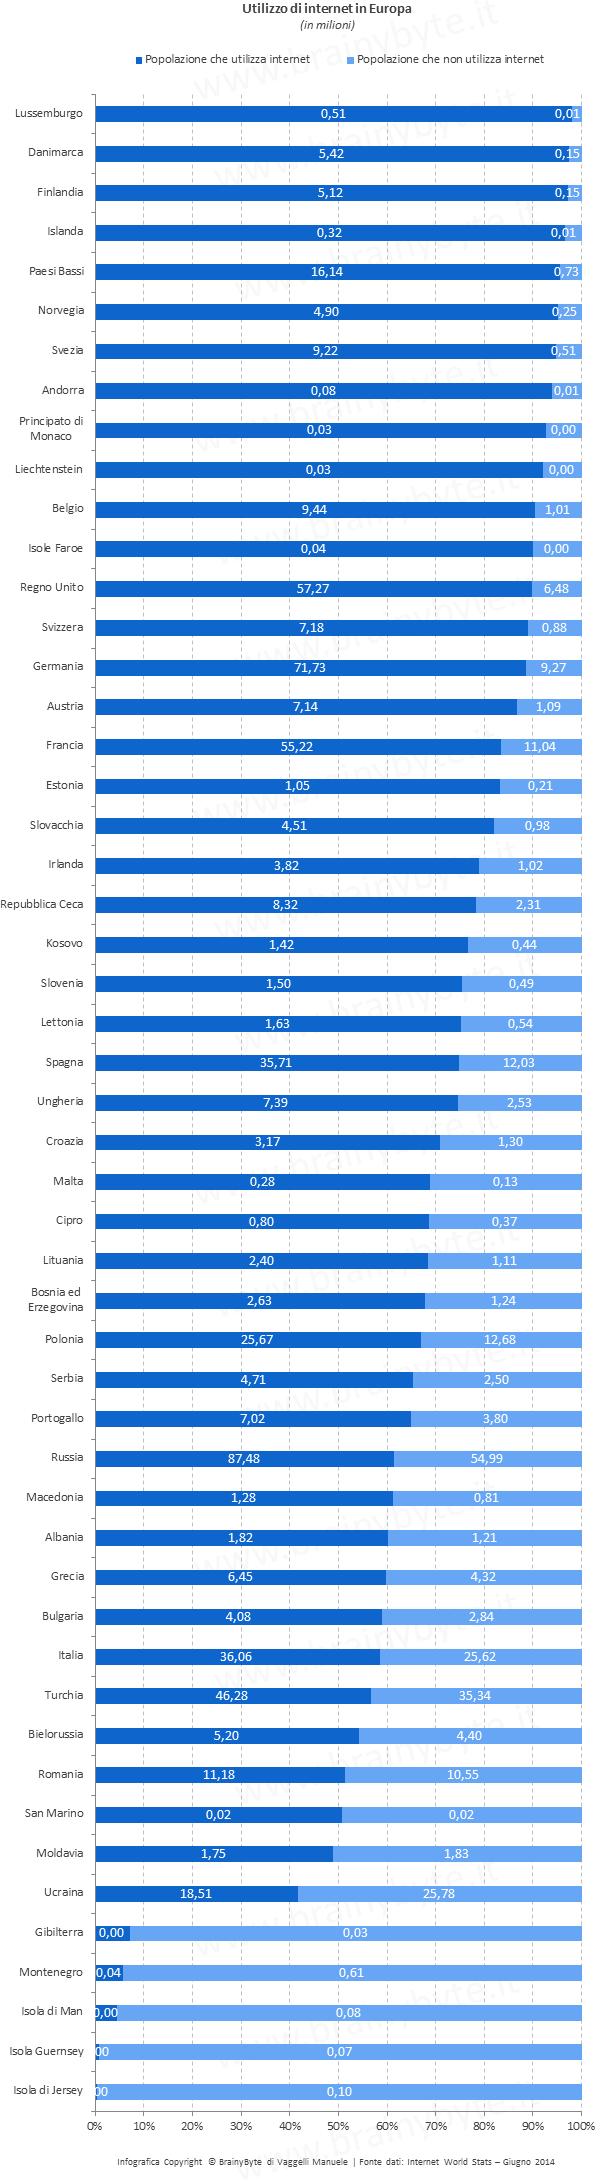 Utenti internet in Europa 2014